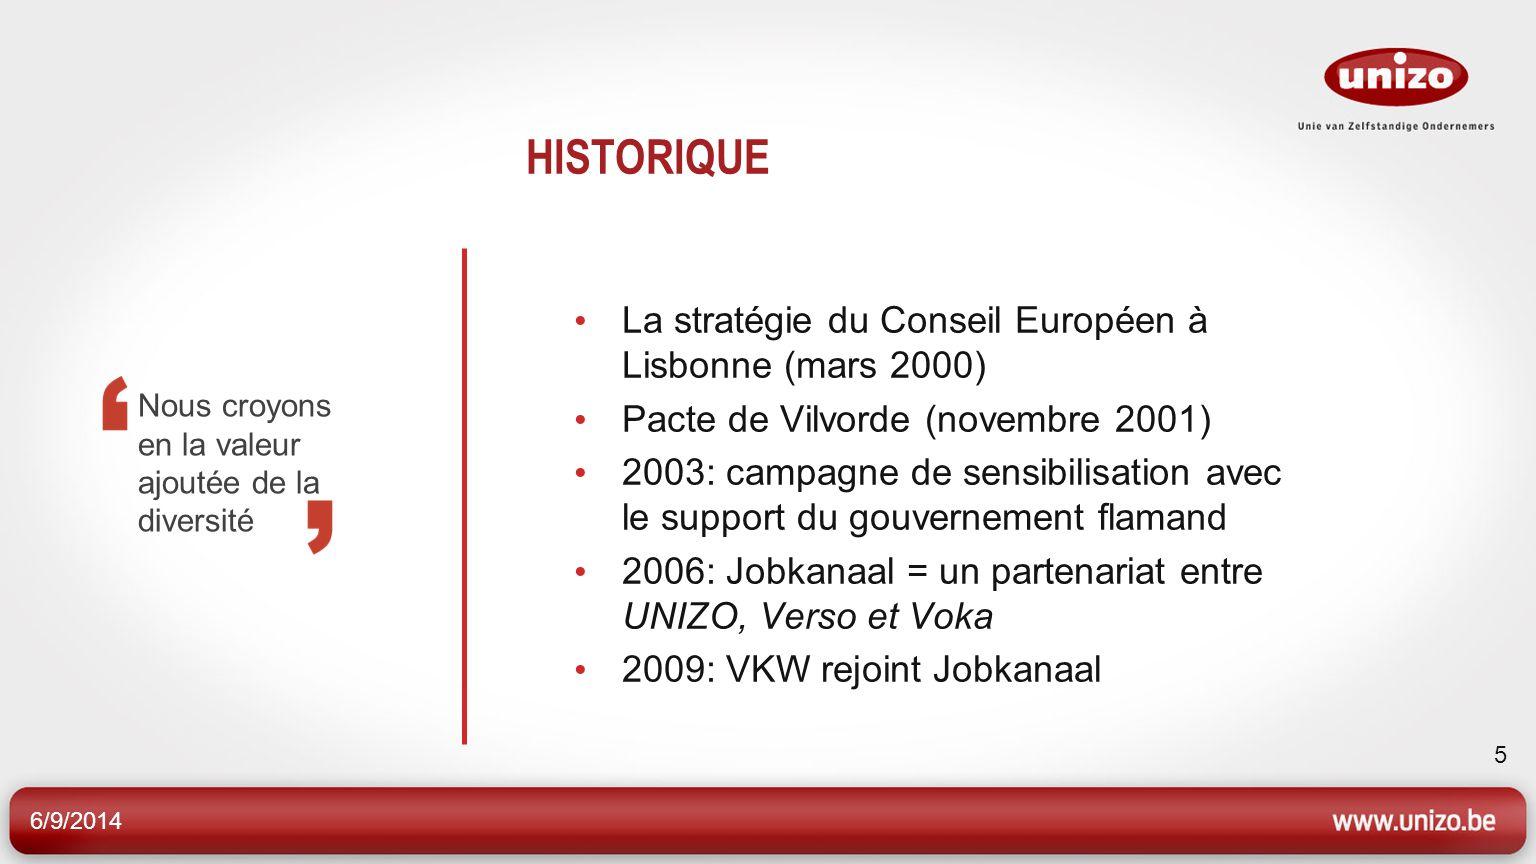 6/9/2014 5 HISTORIQUE La stratégie du Conseil Européen à Lisbonne (mars 2000) Pacte de Vilvorde (novembre 2001) 2003: campagne de sensibilisation avec